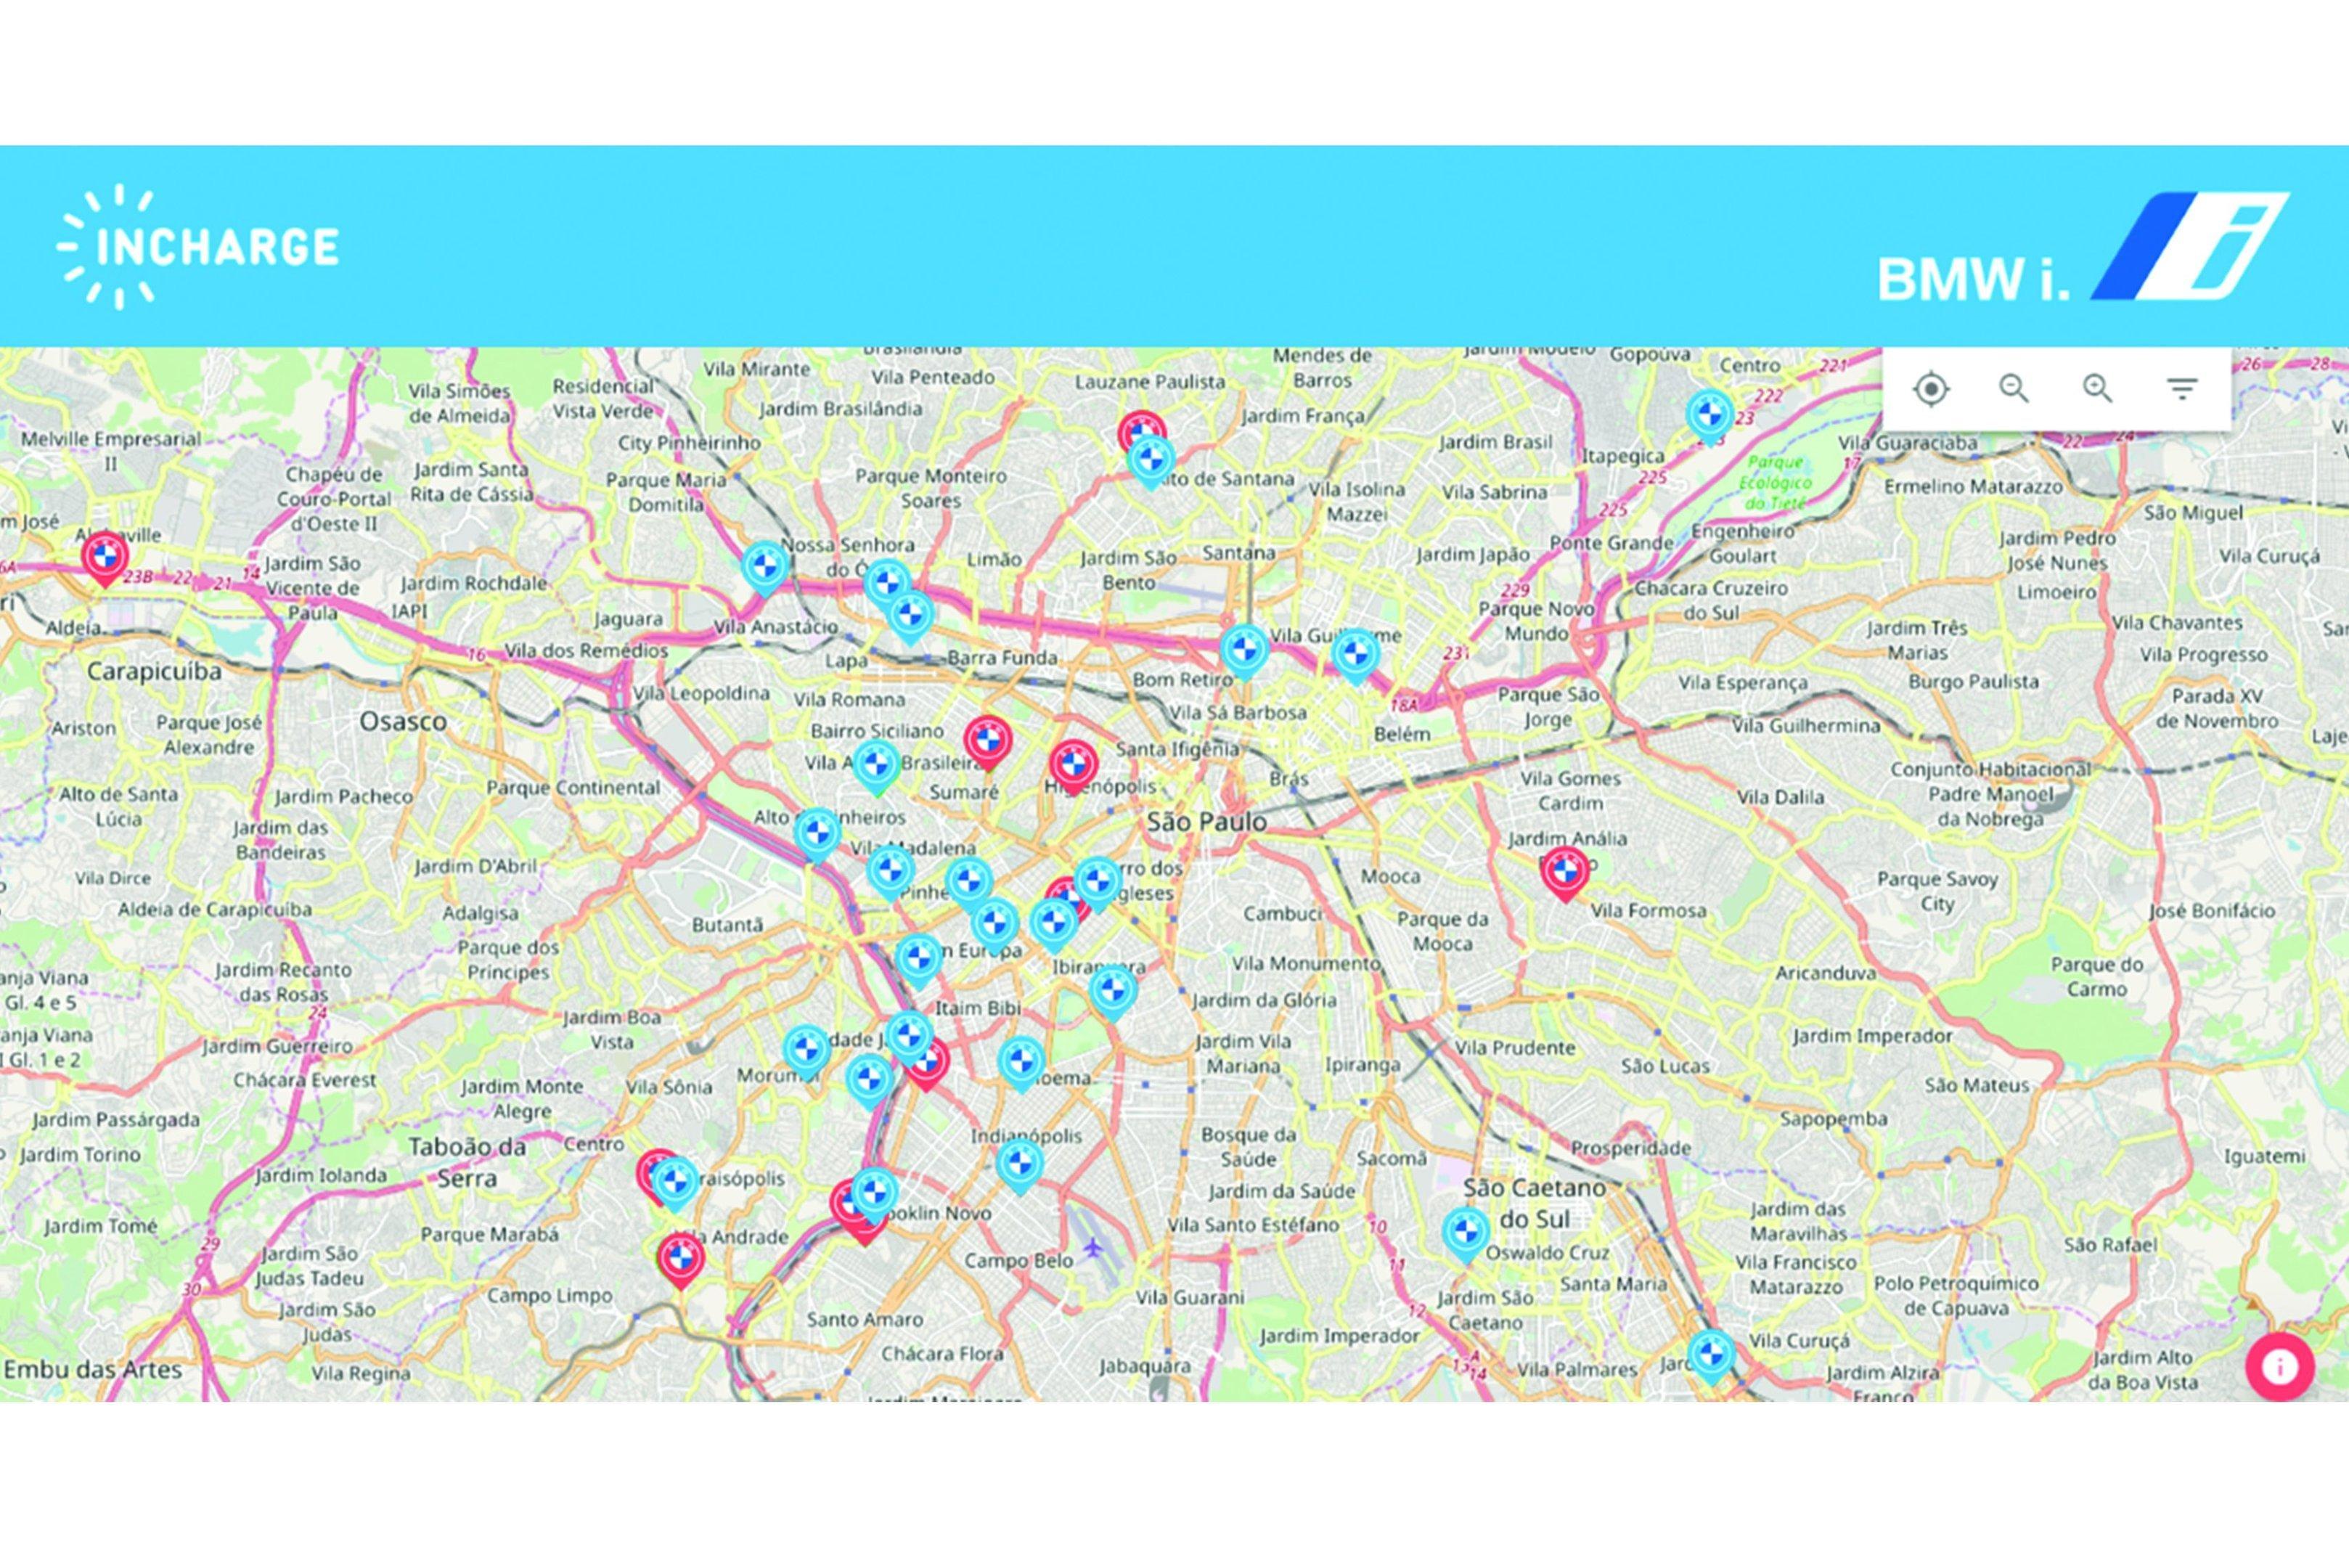 Mapa de postos de recarga no app Incharge